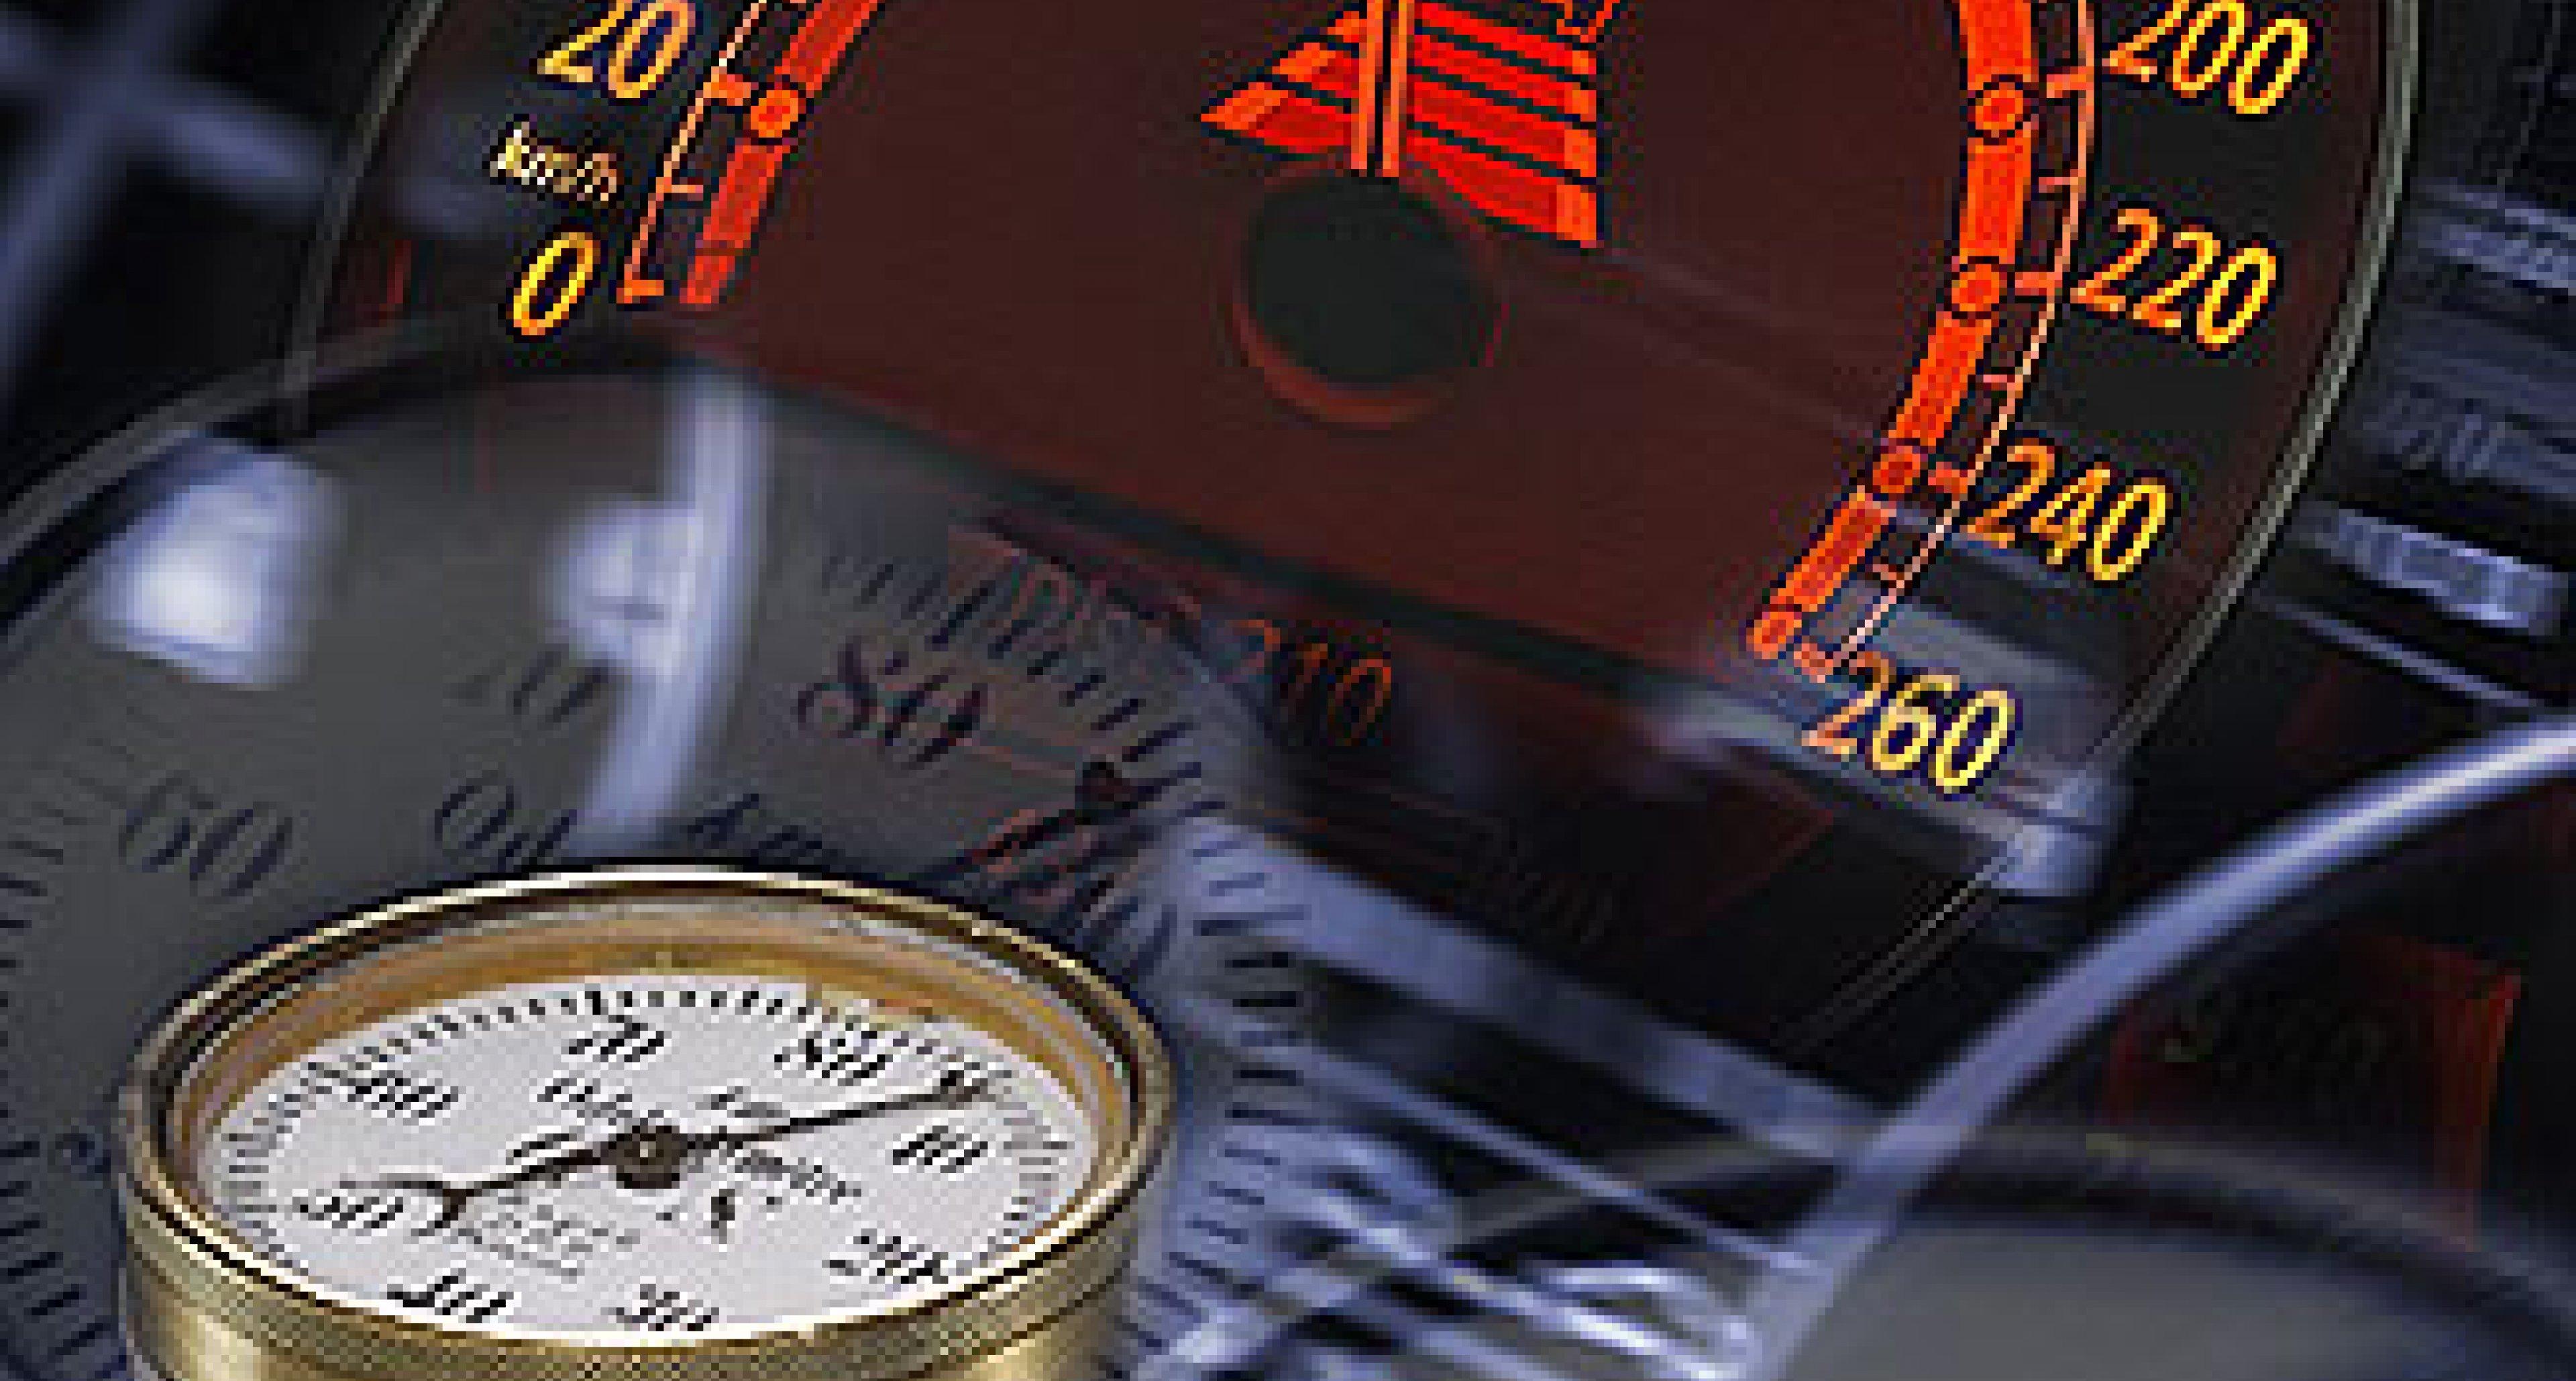 Die Geschichte des Tachometers